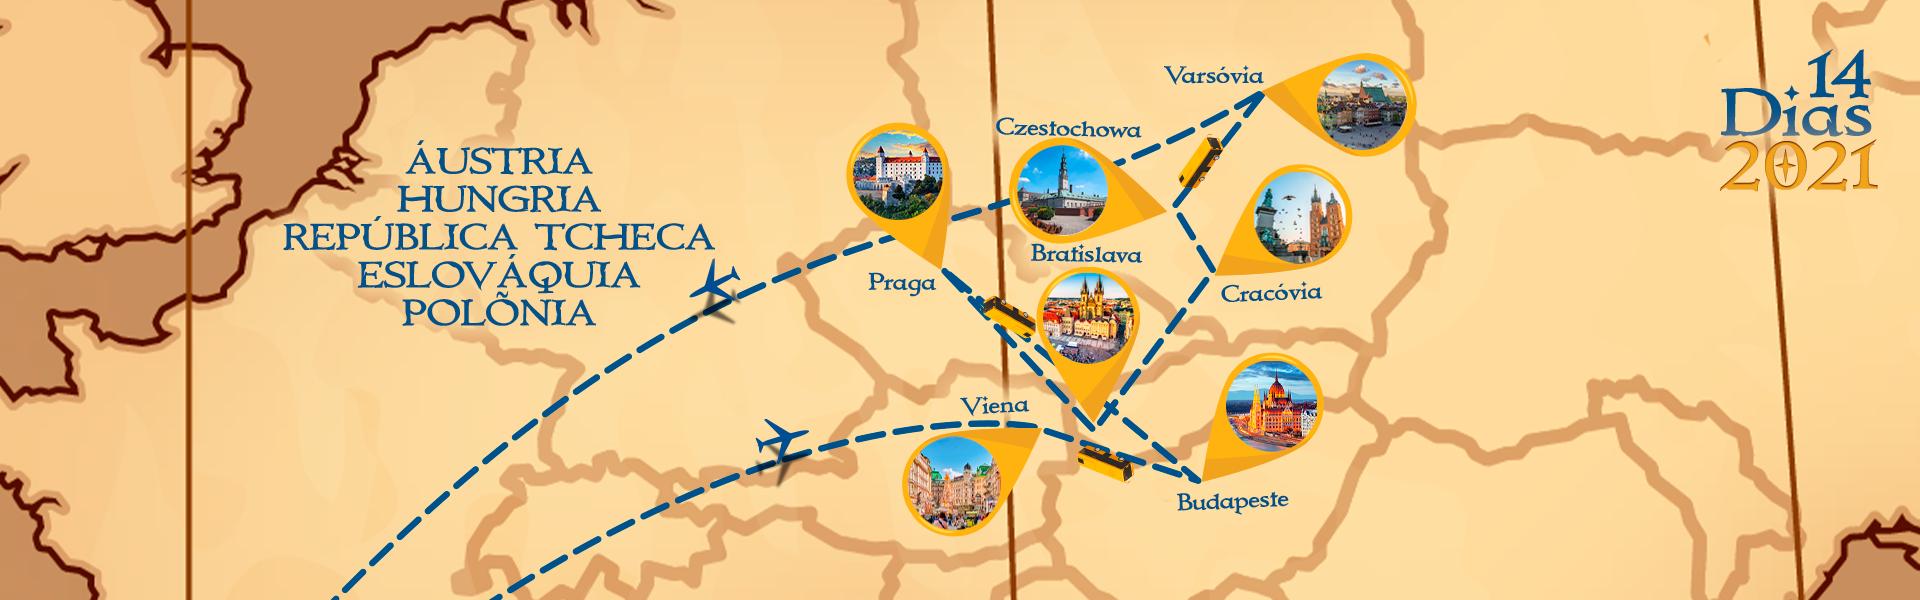 Roteiro de Áustria, Hungria, Rep. Tcheca, Eslováquia e Polônia